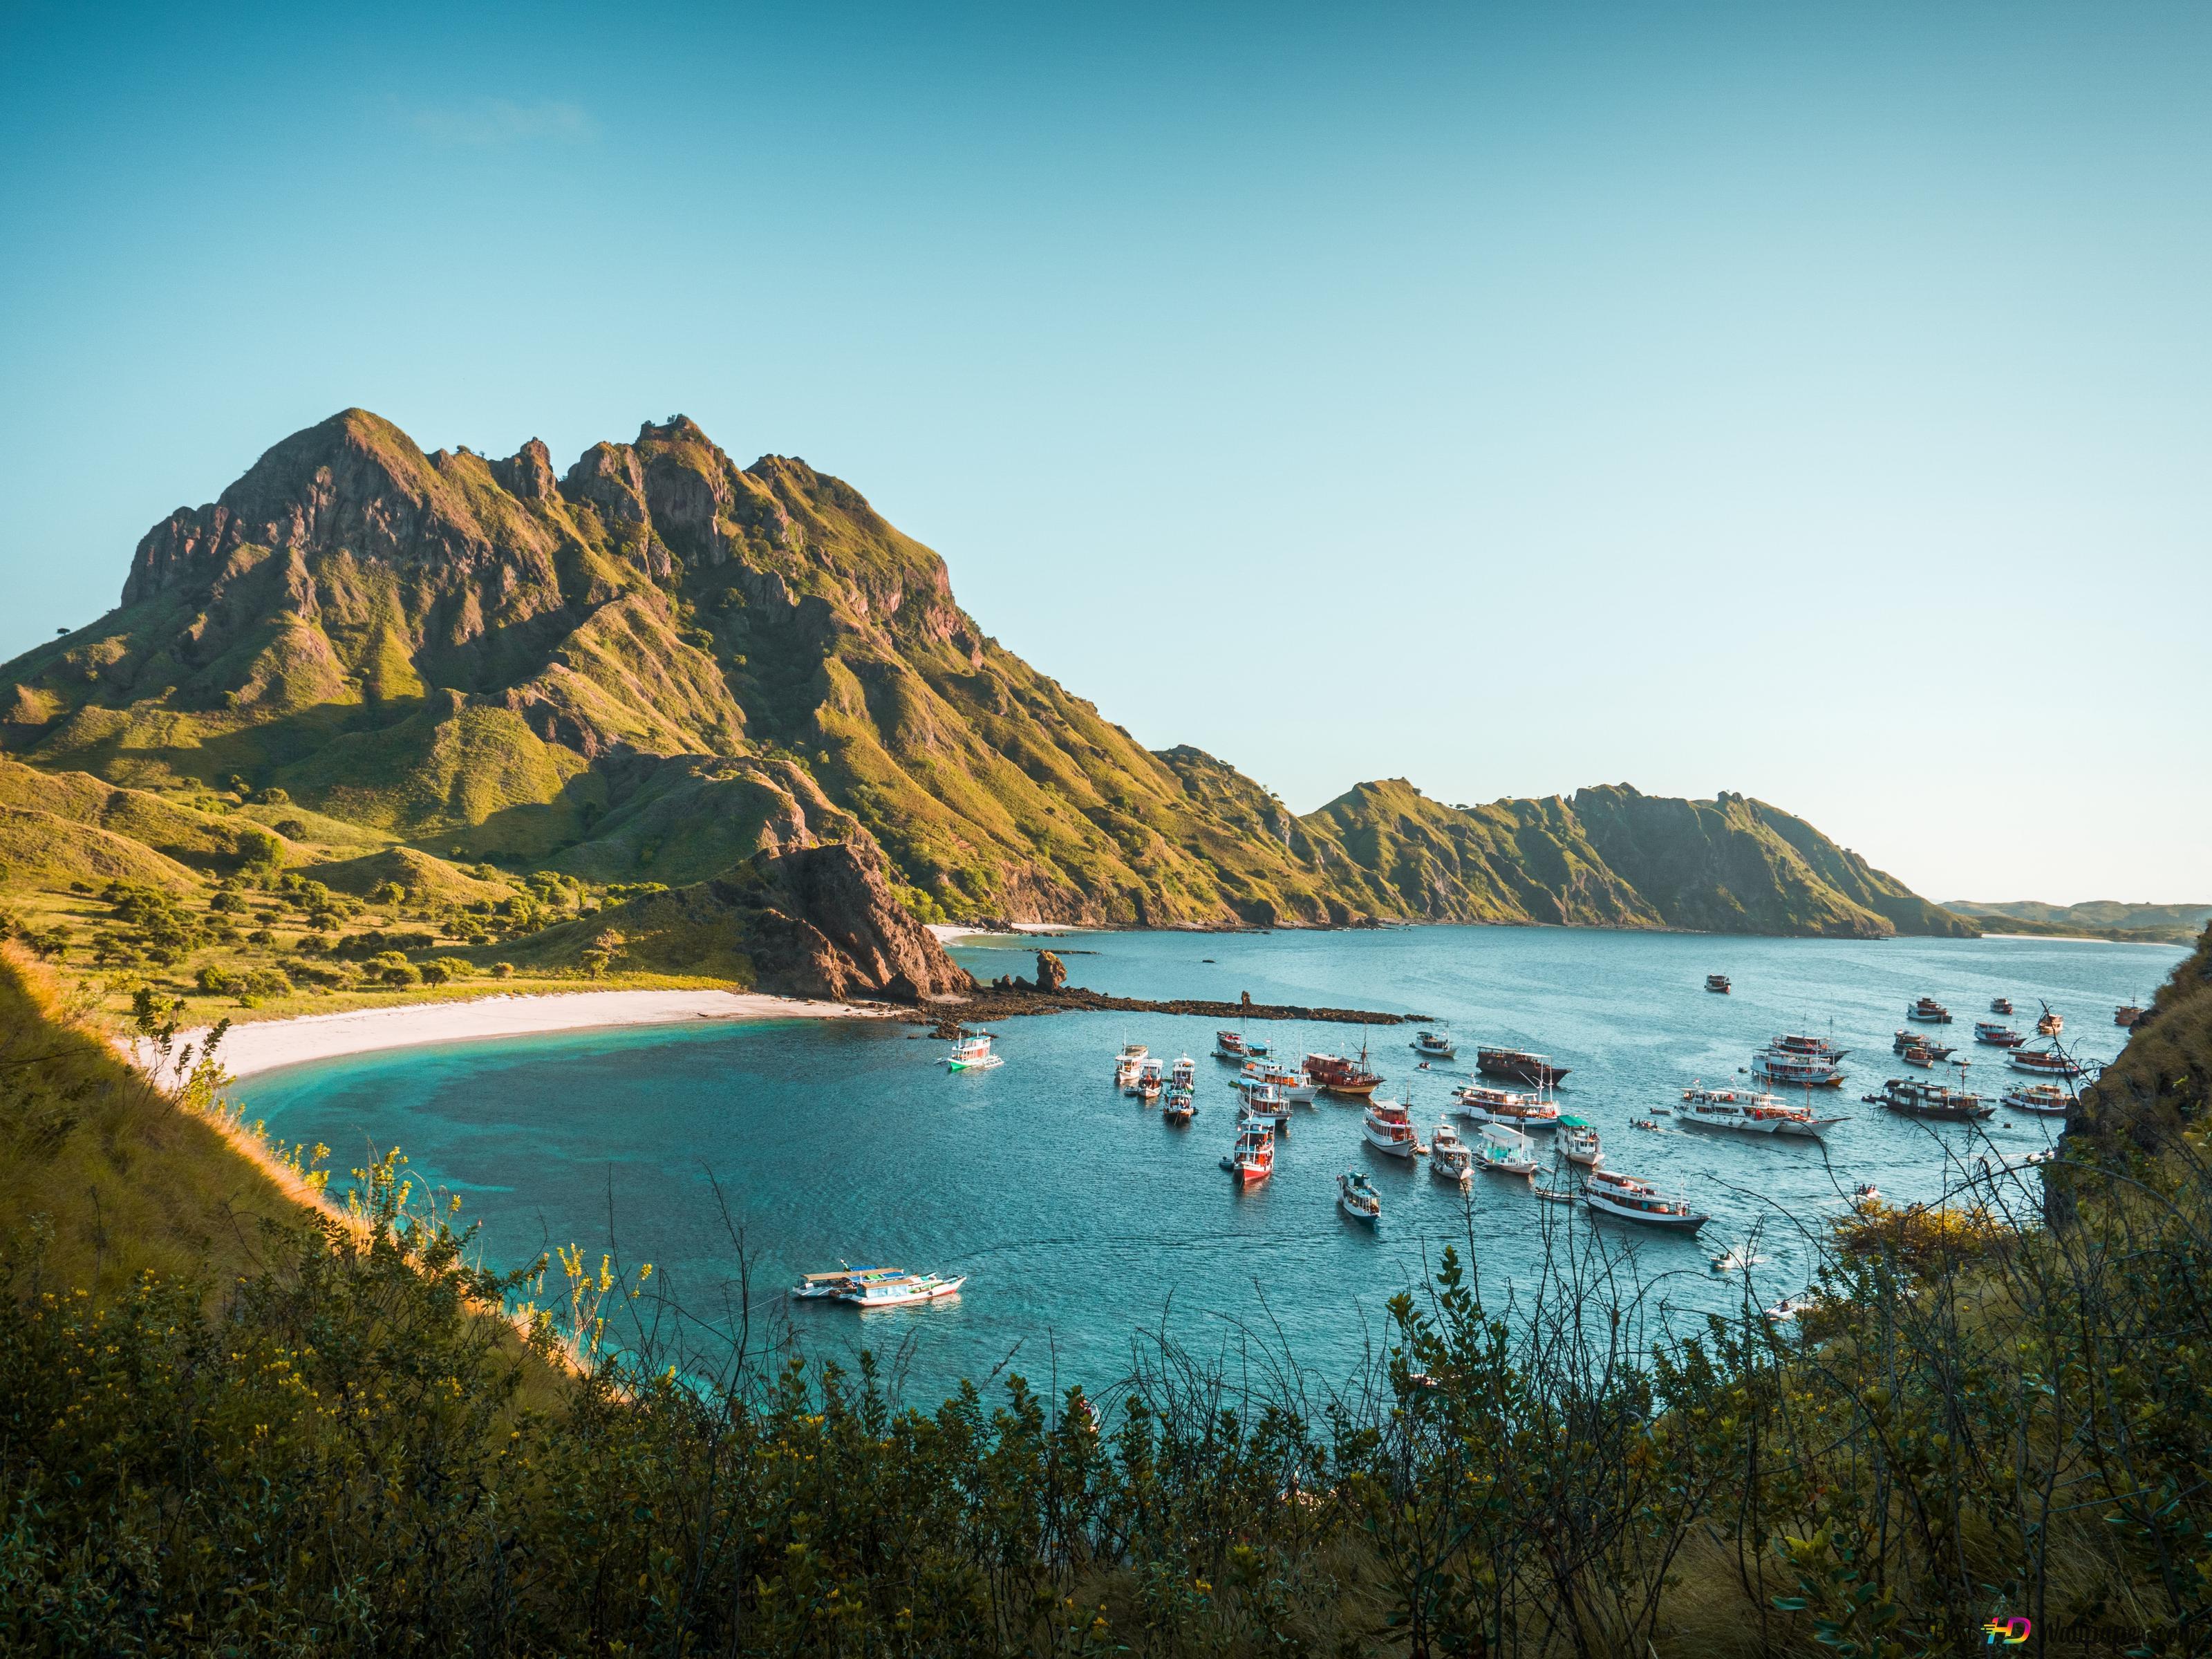 Padar島インドネシアrizknas 4k Hd壁紙のダウンロード